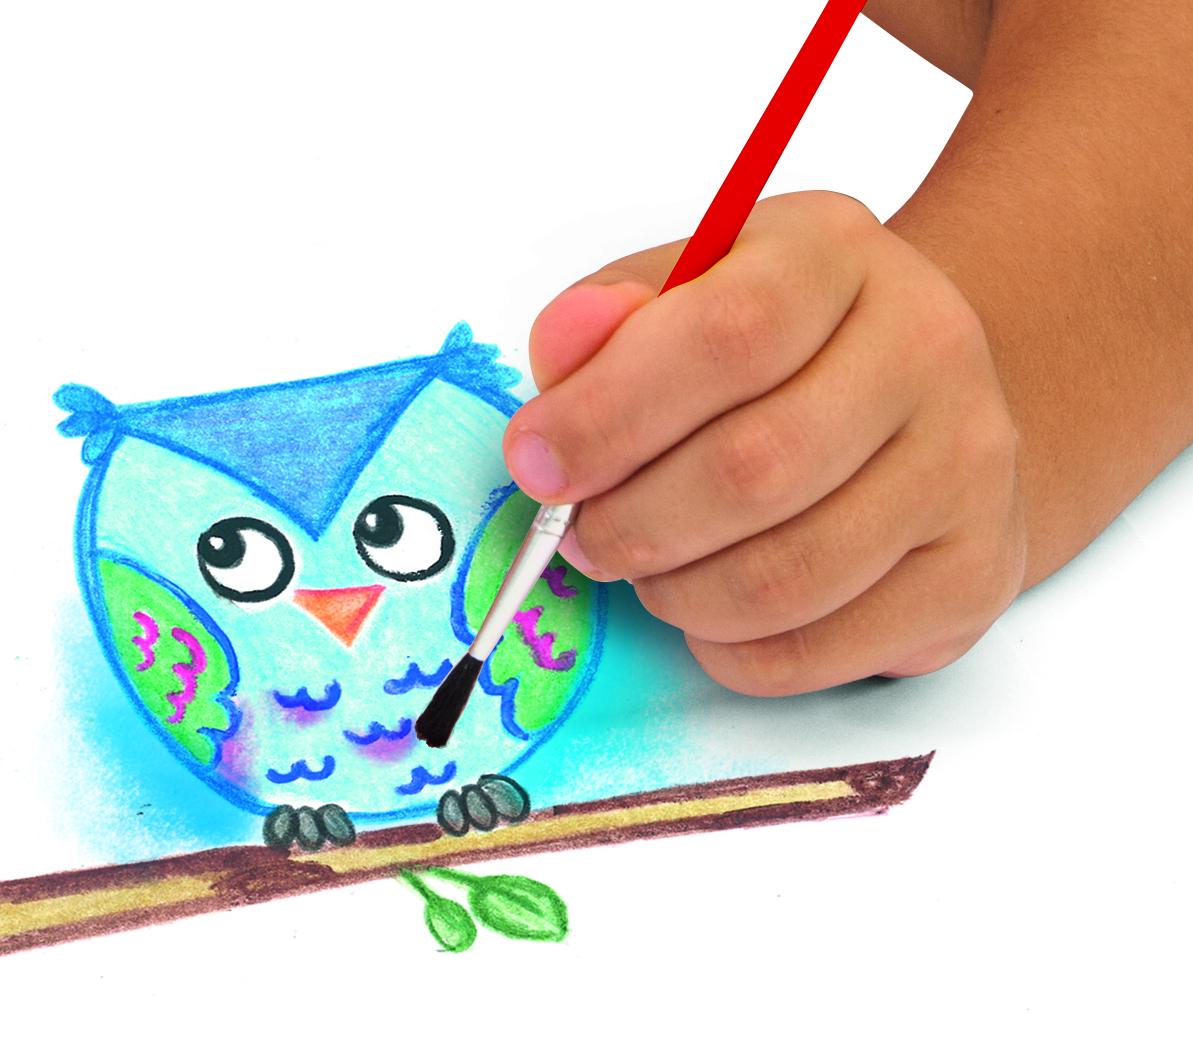 Imparare a disegnare: libri e giochi per i primi capolavori